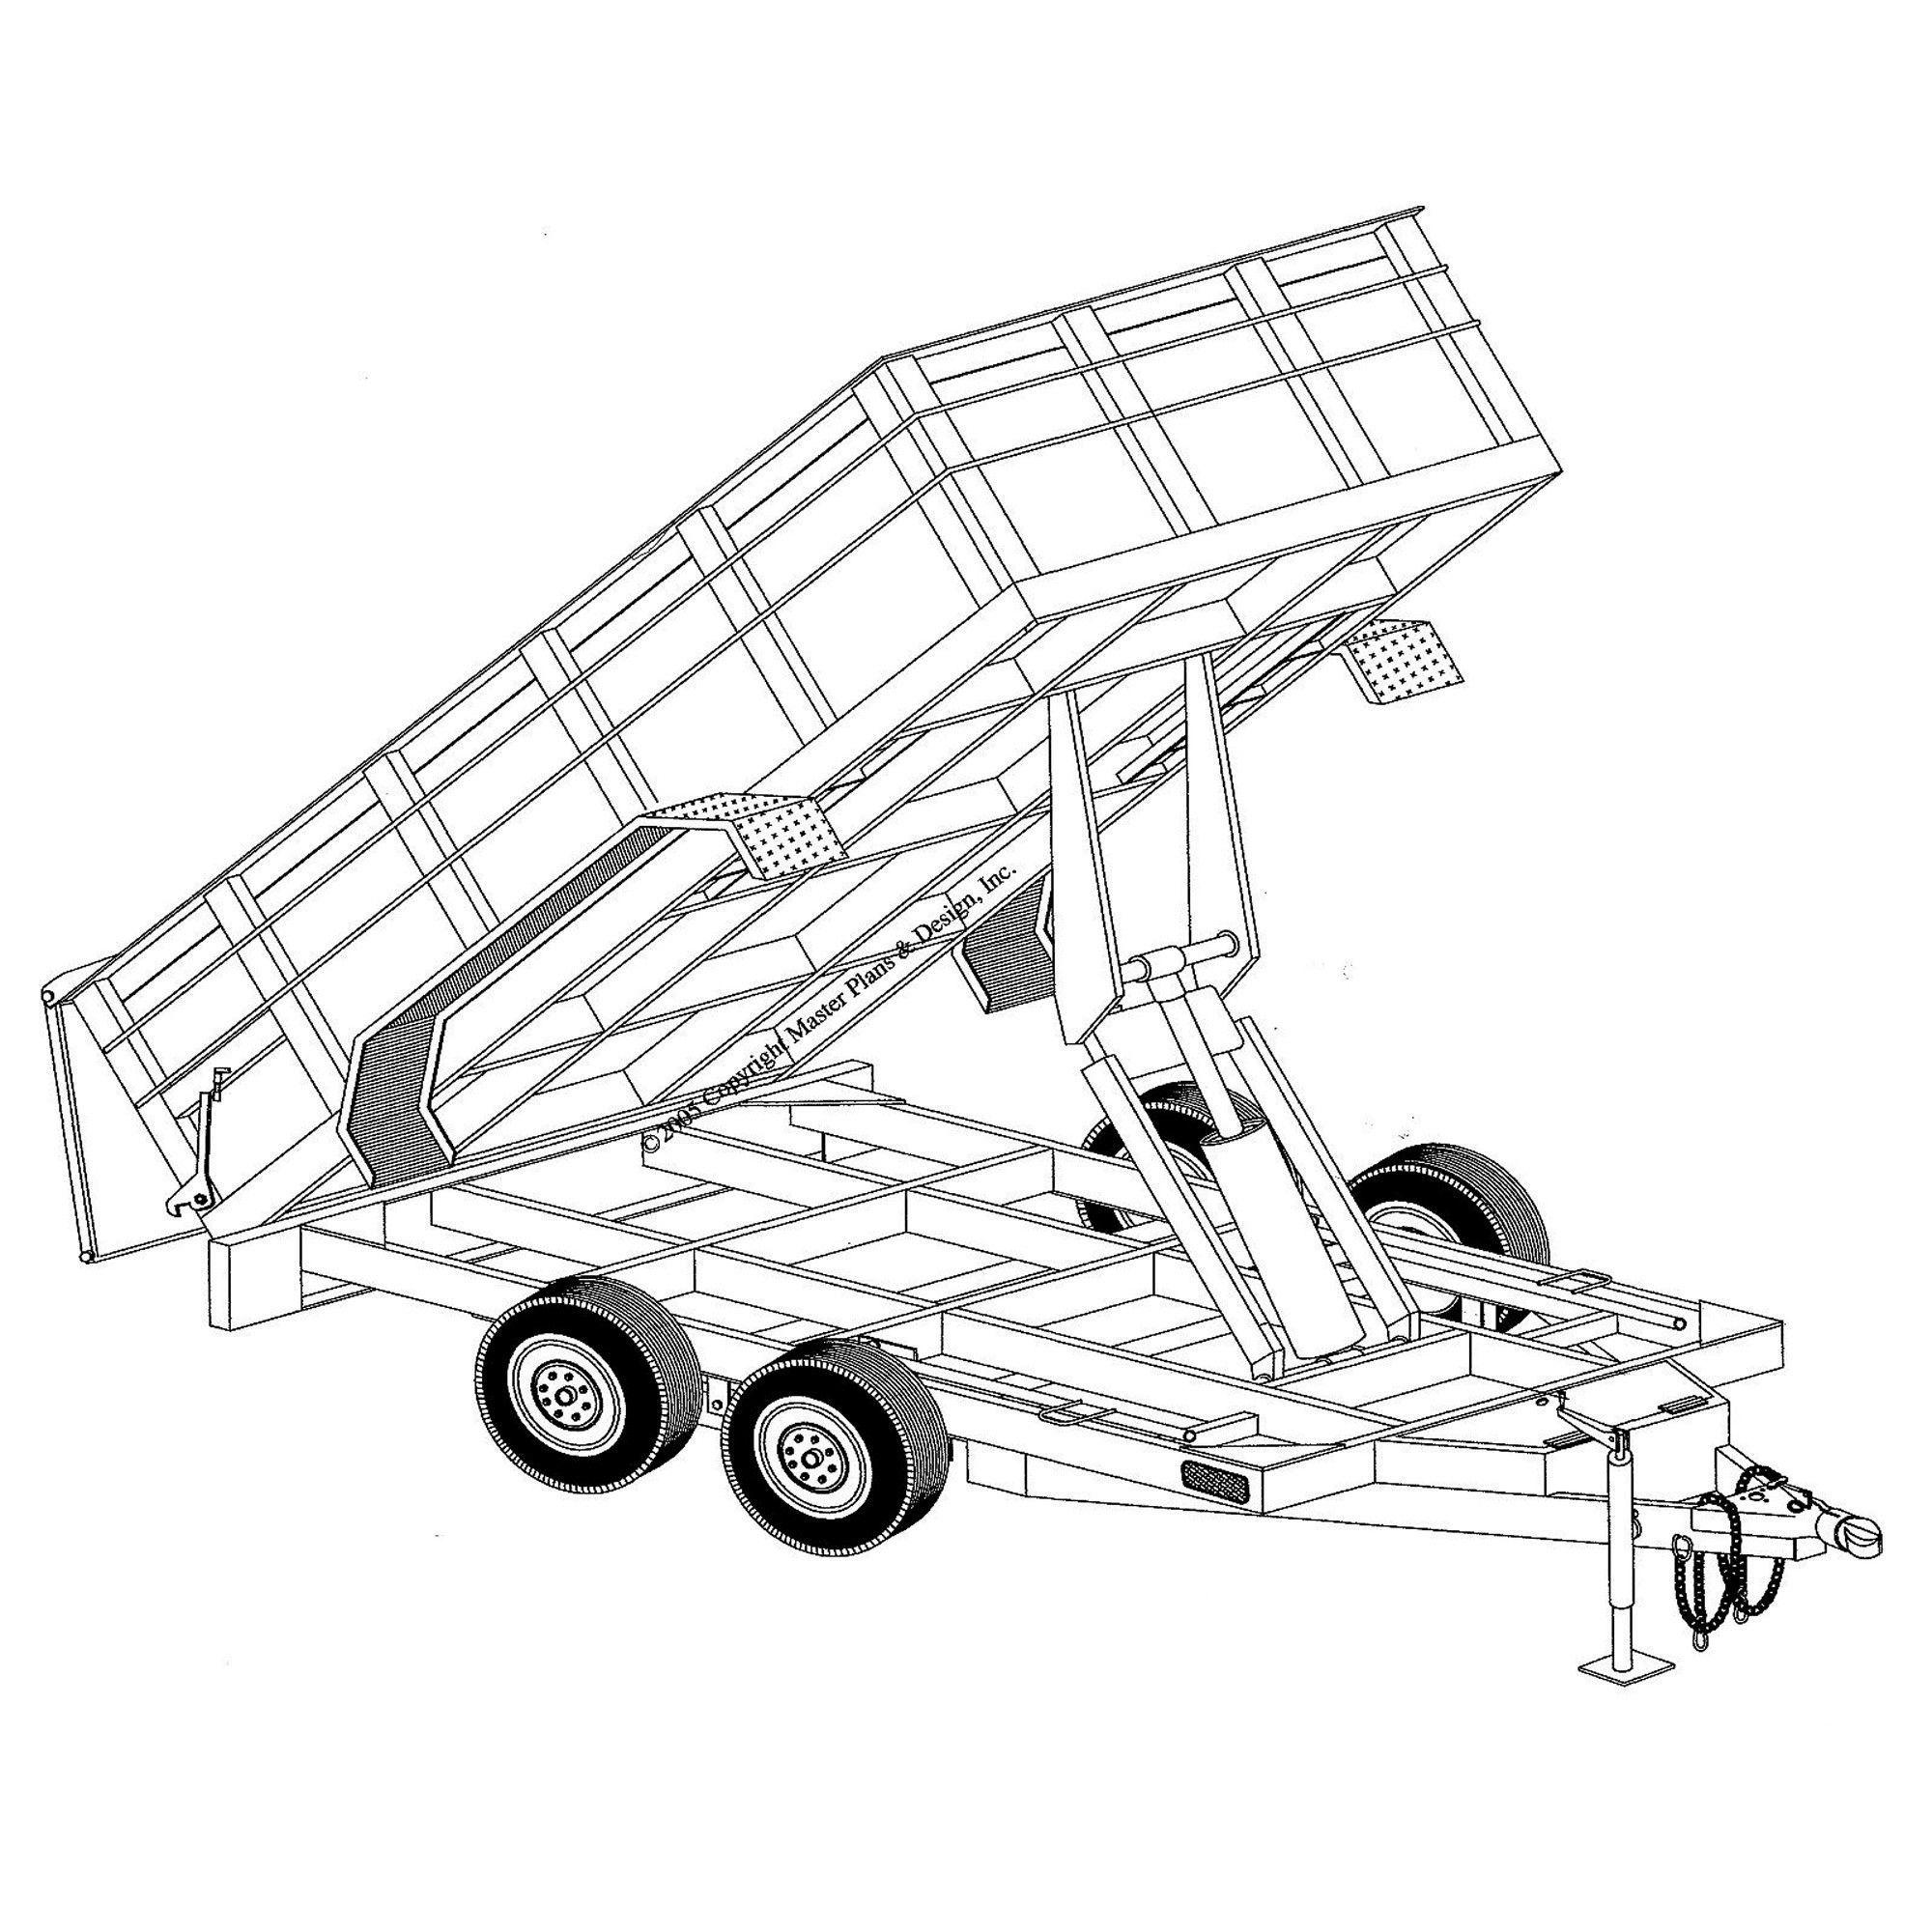 6\'4″ x 12′ hydraulic dump trailer plans model 12hd